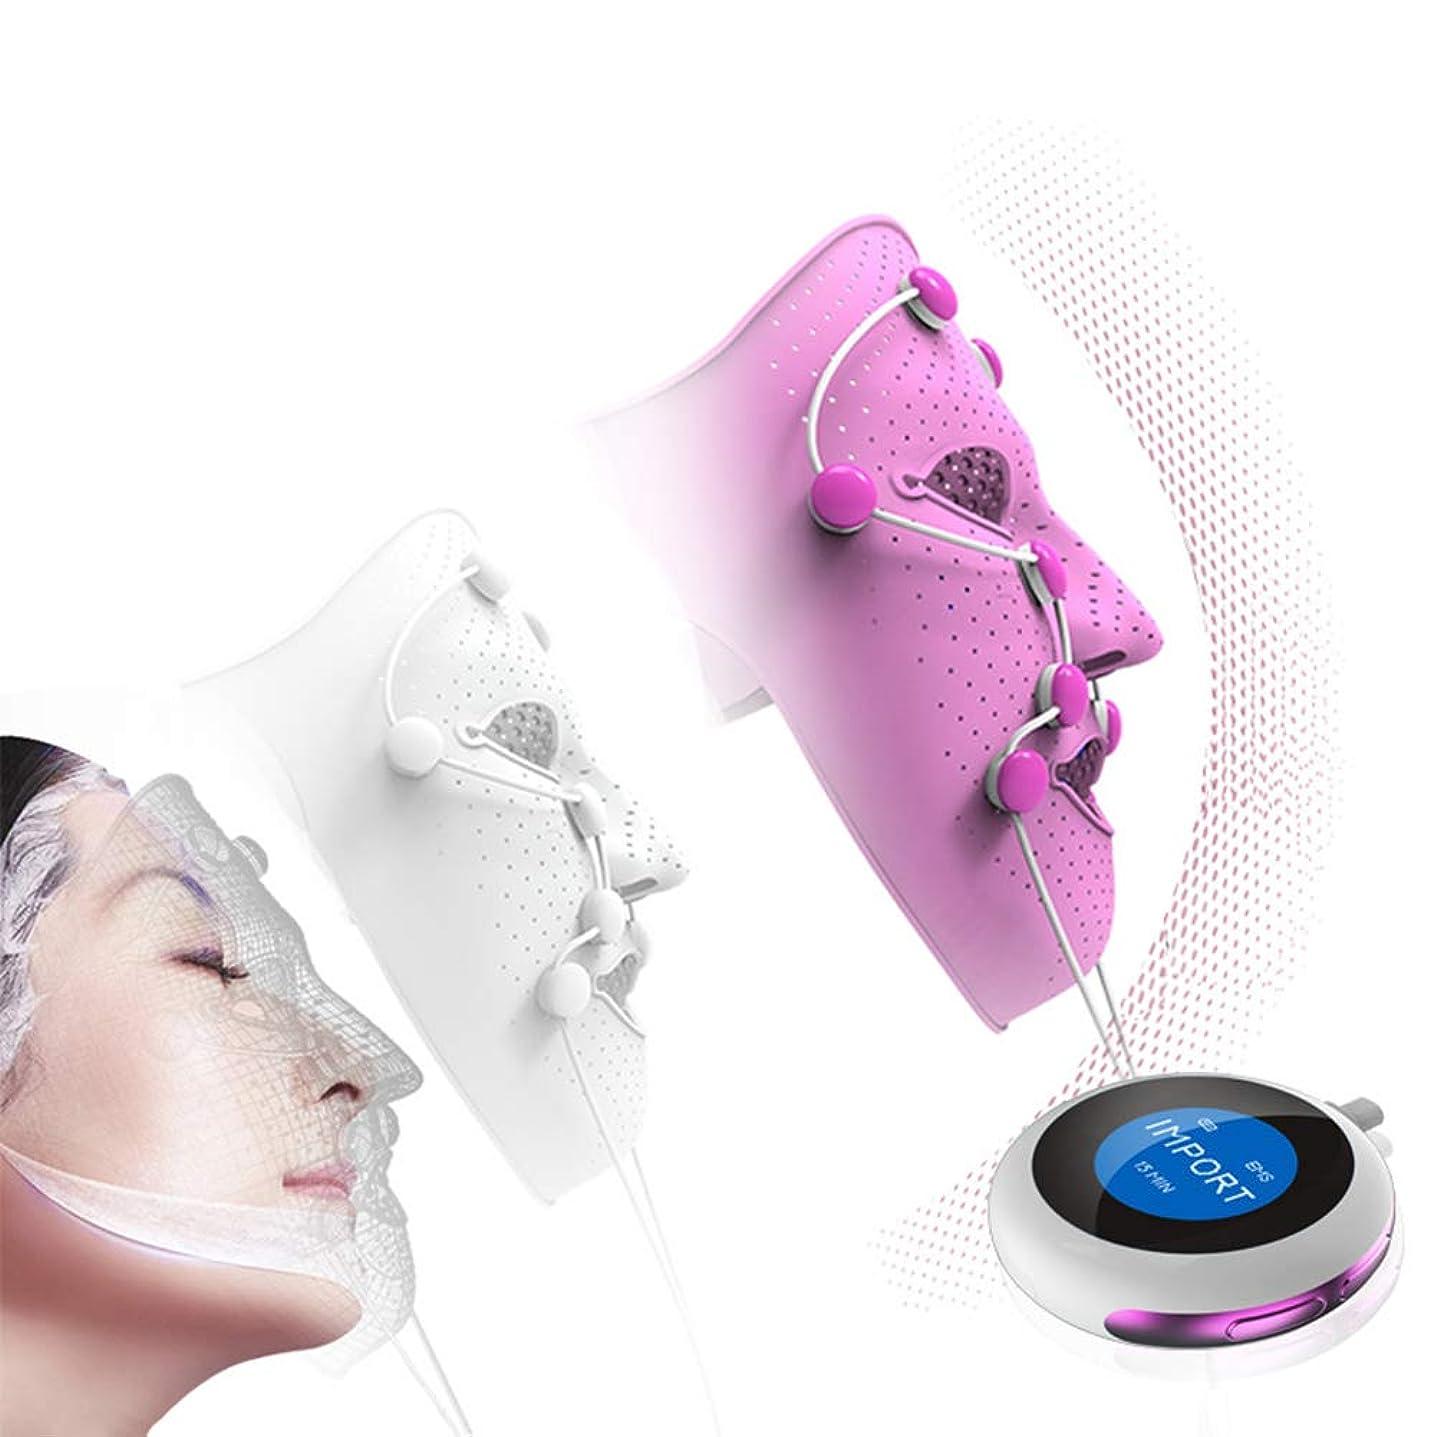 付添人フロントプレフィックスマッサージマスク楽器 美容マスク装置 肌の若返りを紹介 EMSフェイスリフティング 顔の解毒 美容機器 マスク機